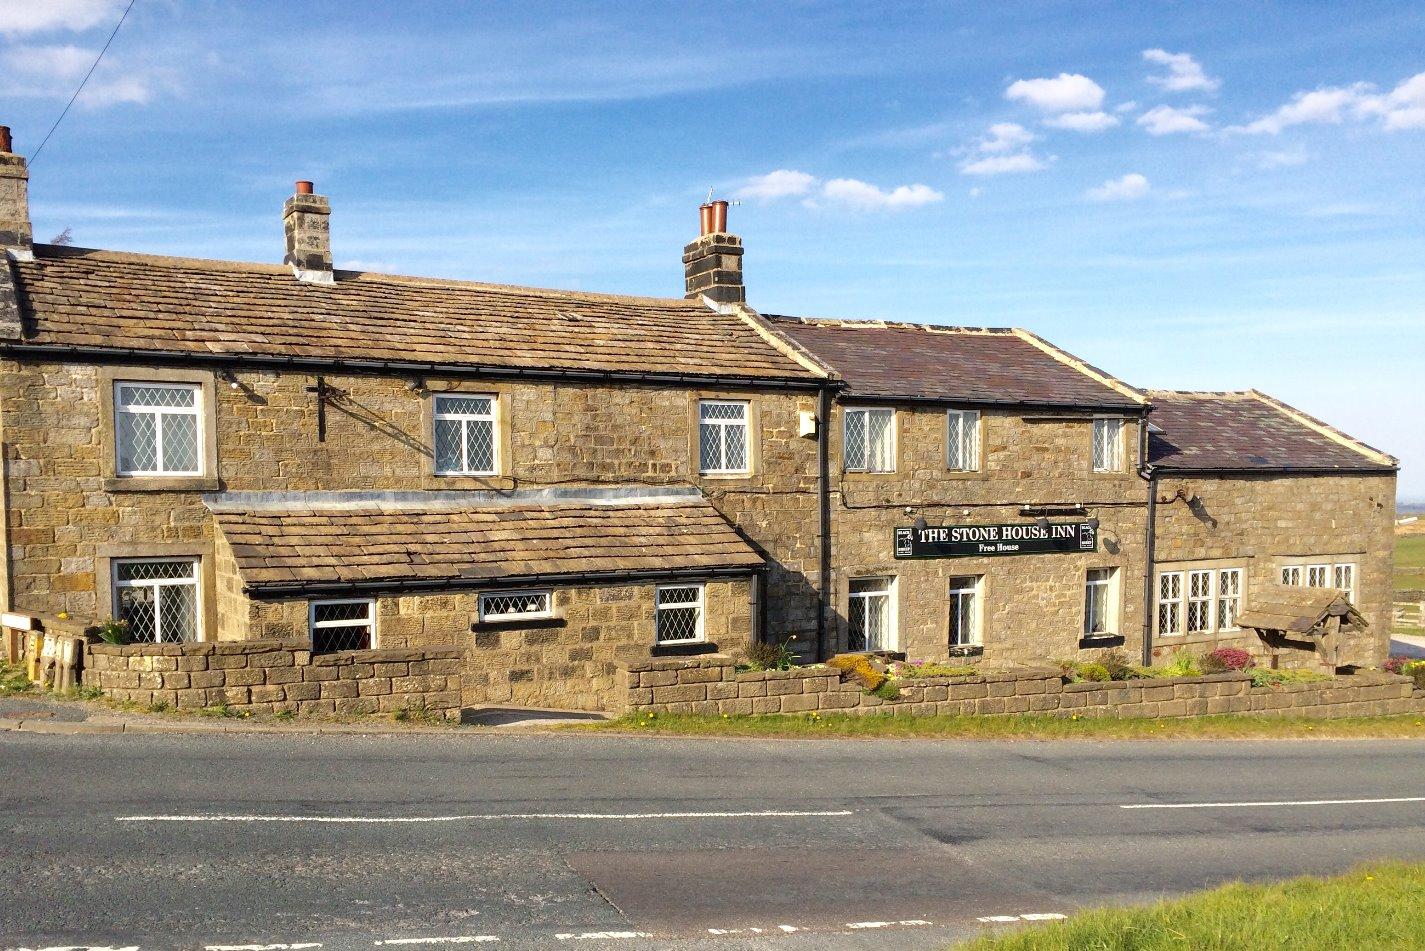 The Stone House Inn